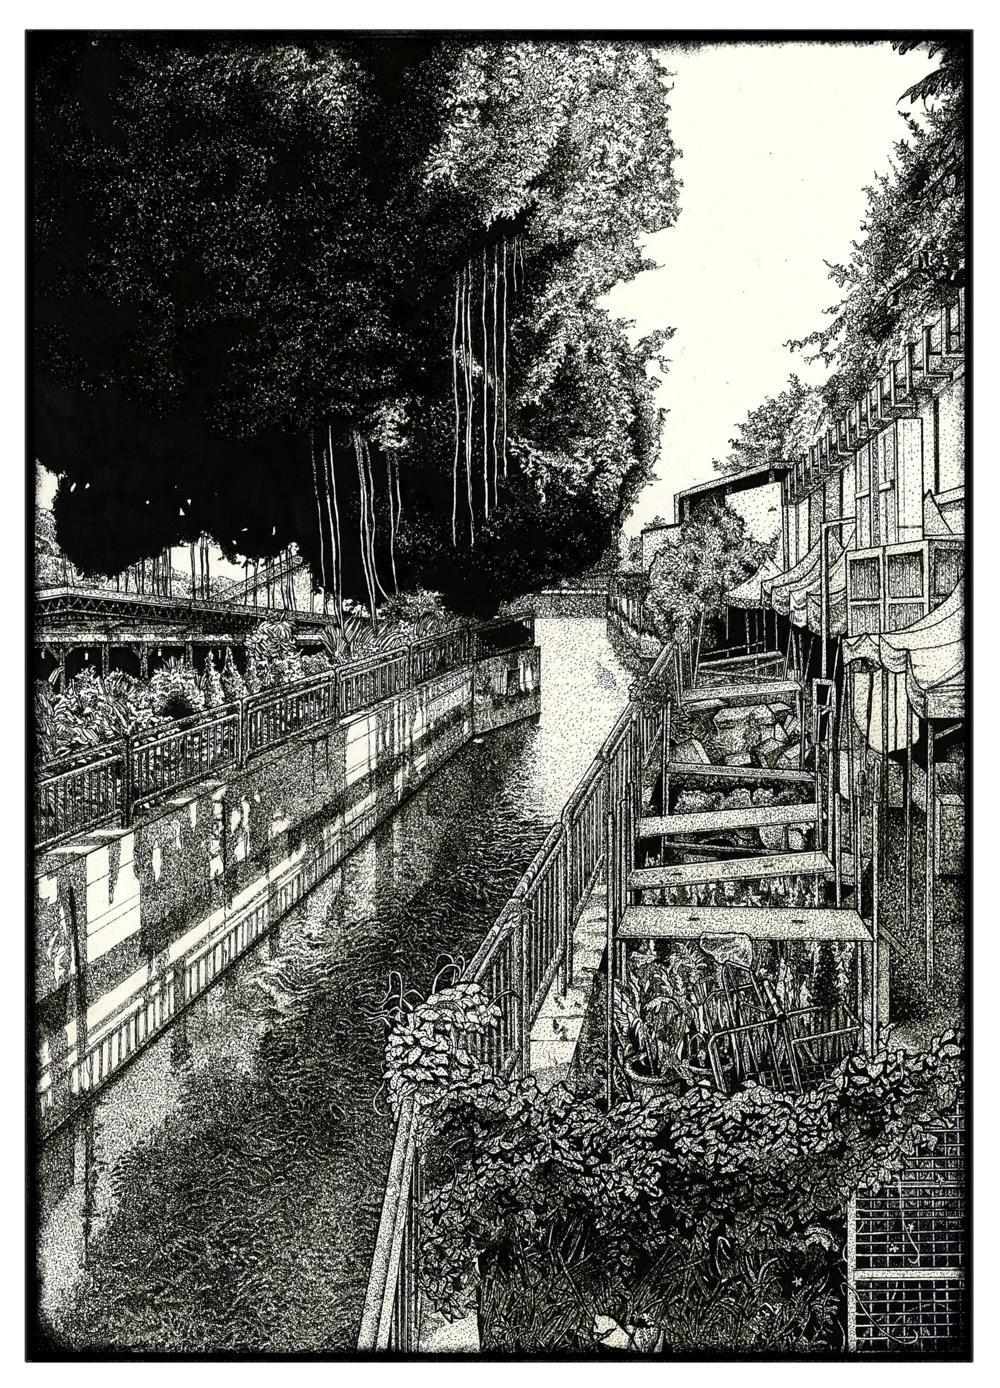 No. 4 Singapore